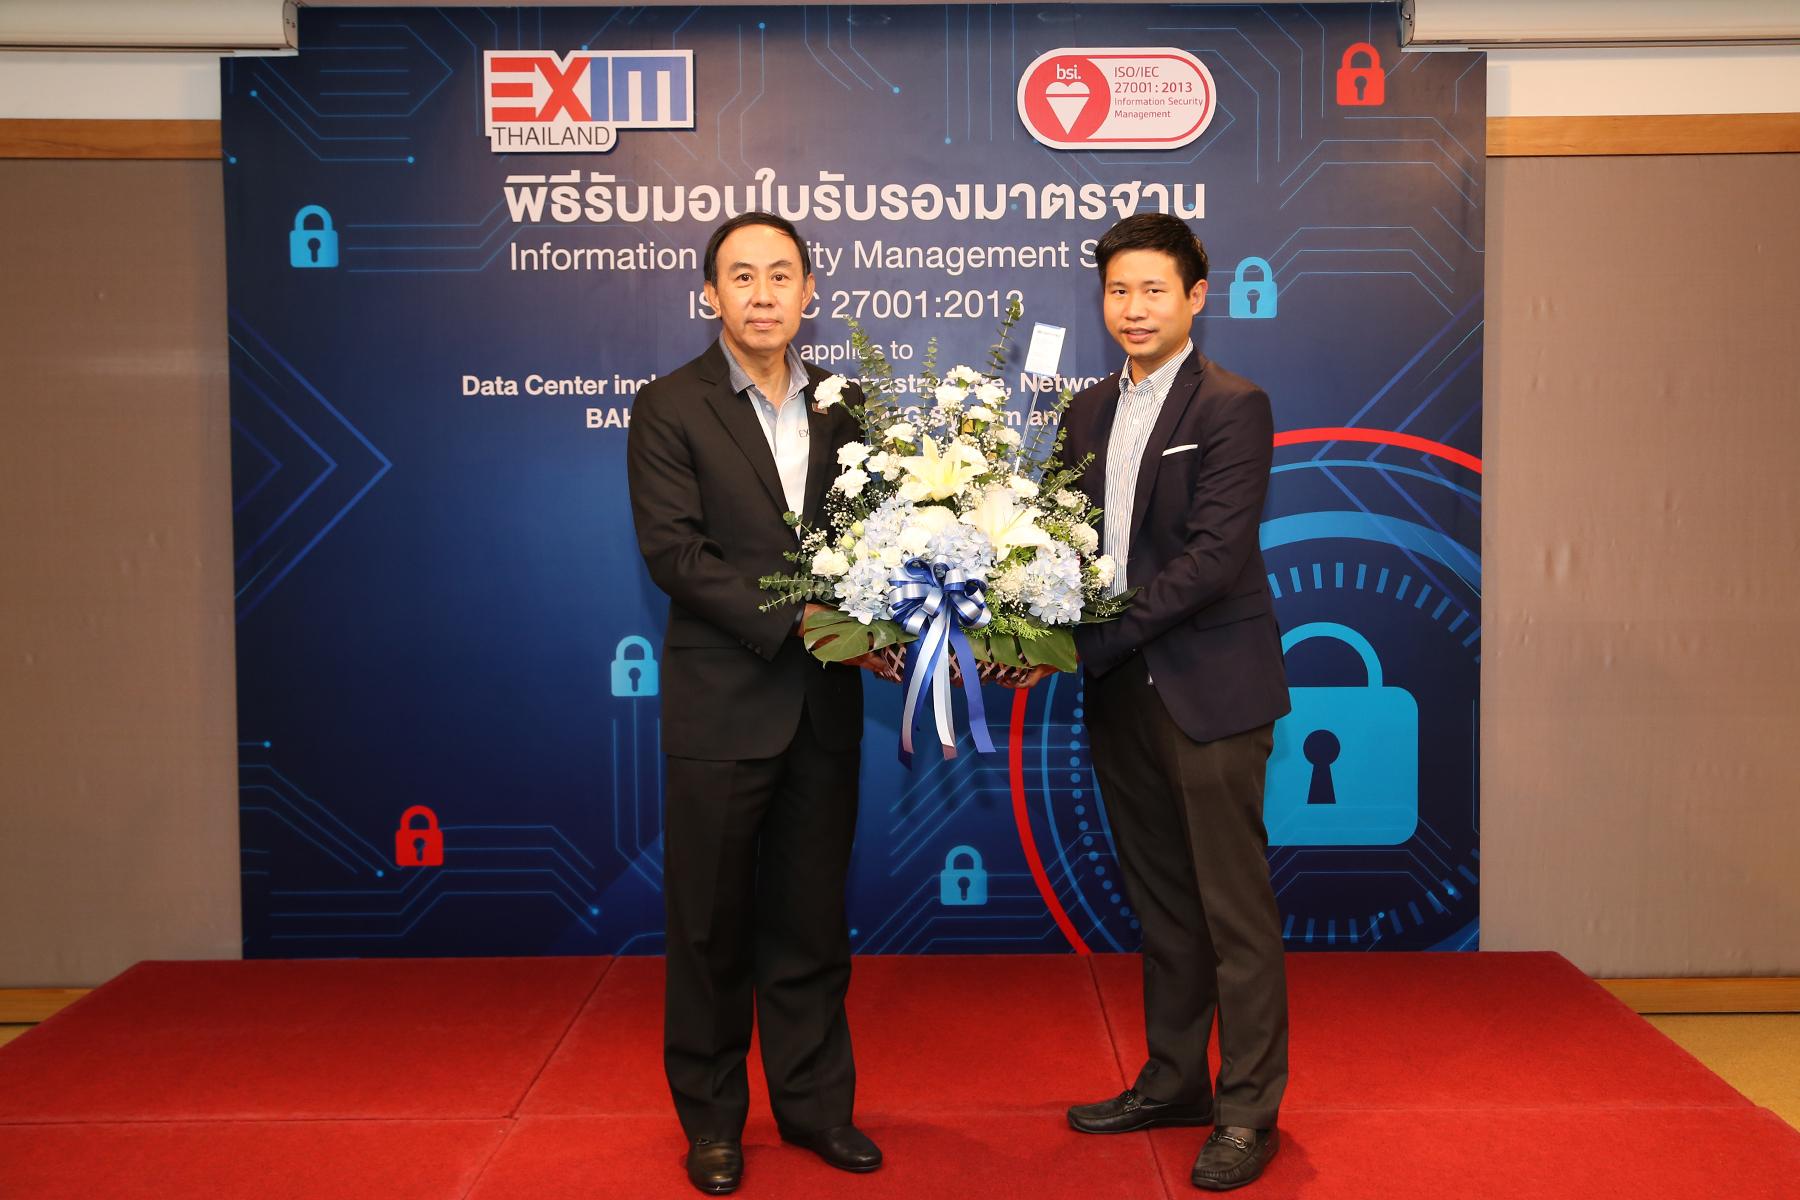 ความสำเร็จอีกขั้นของธนาคารเพื่อการส่งออกและนำเข้าแห่งประเทศไทย กับมาตรฐานสากล ISO/IEC 27001:2013